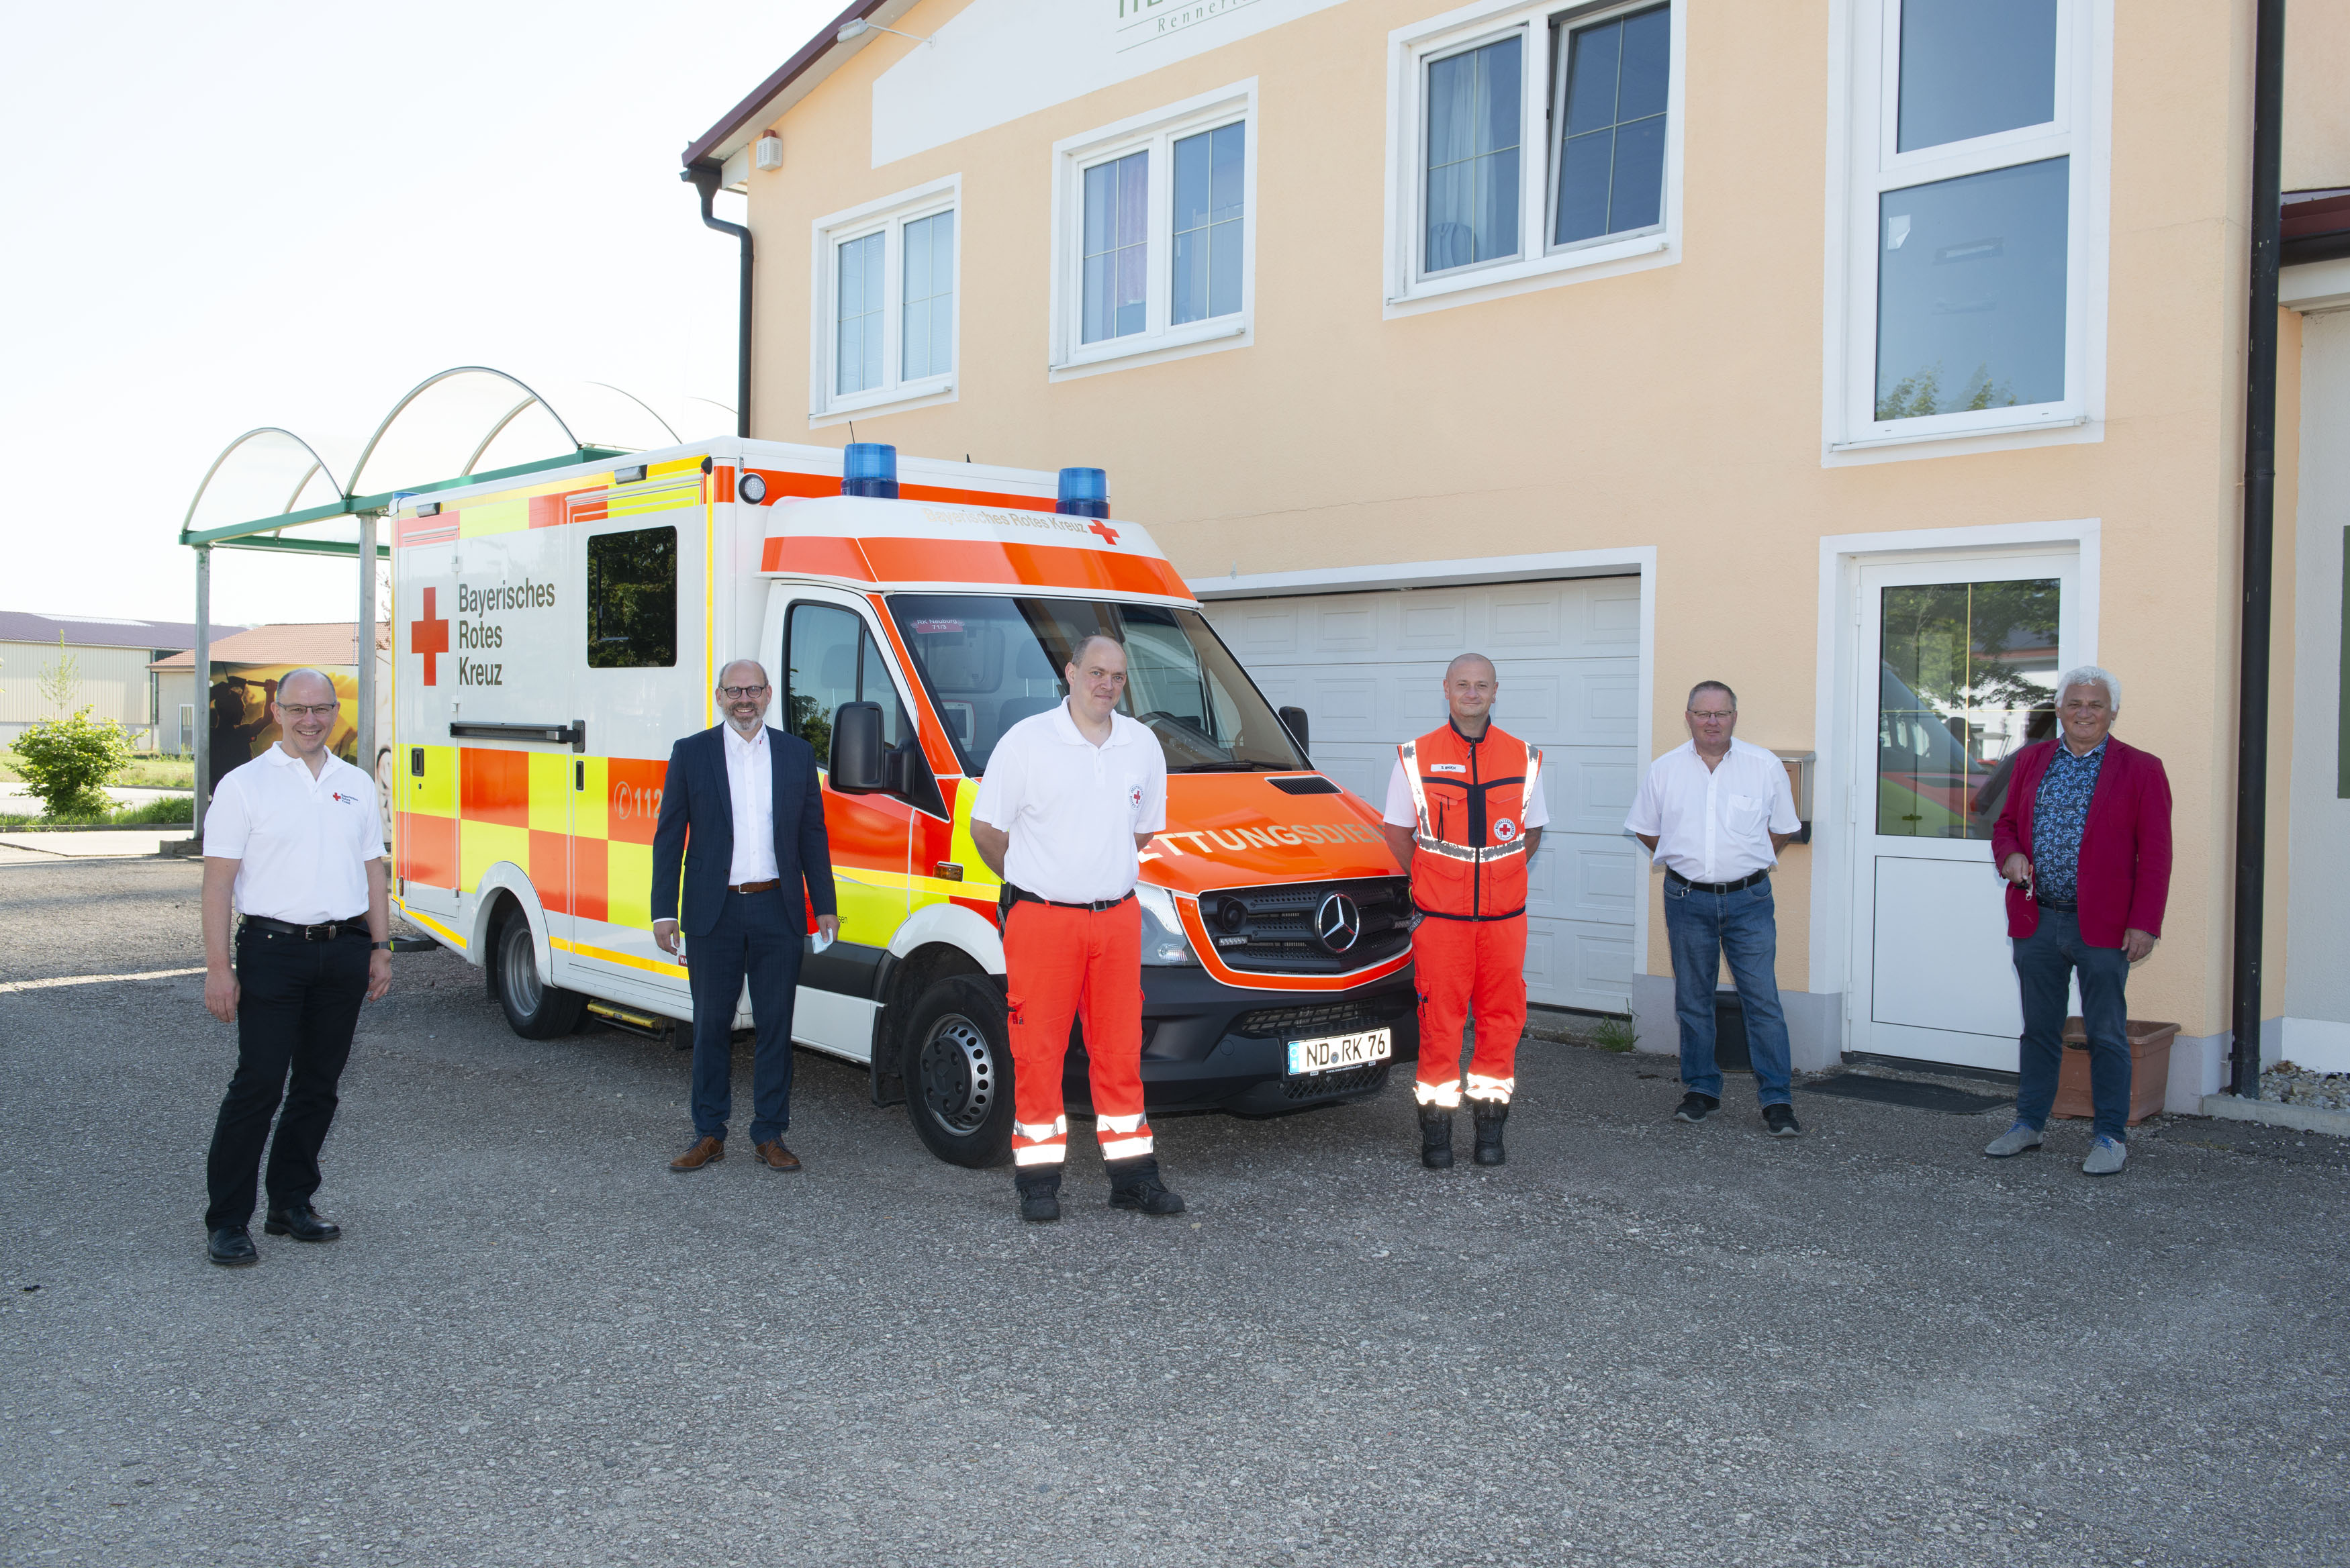 Zukünftige BRK-Rettungswache zieht in Pension Herrenhof ein